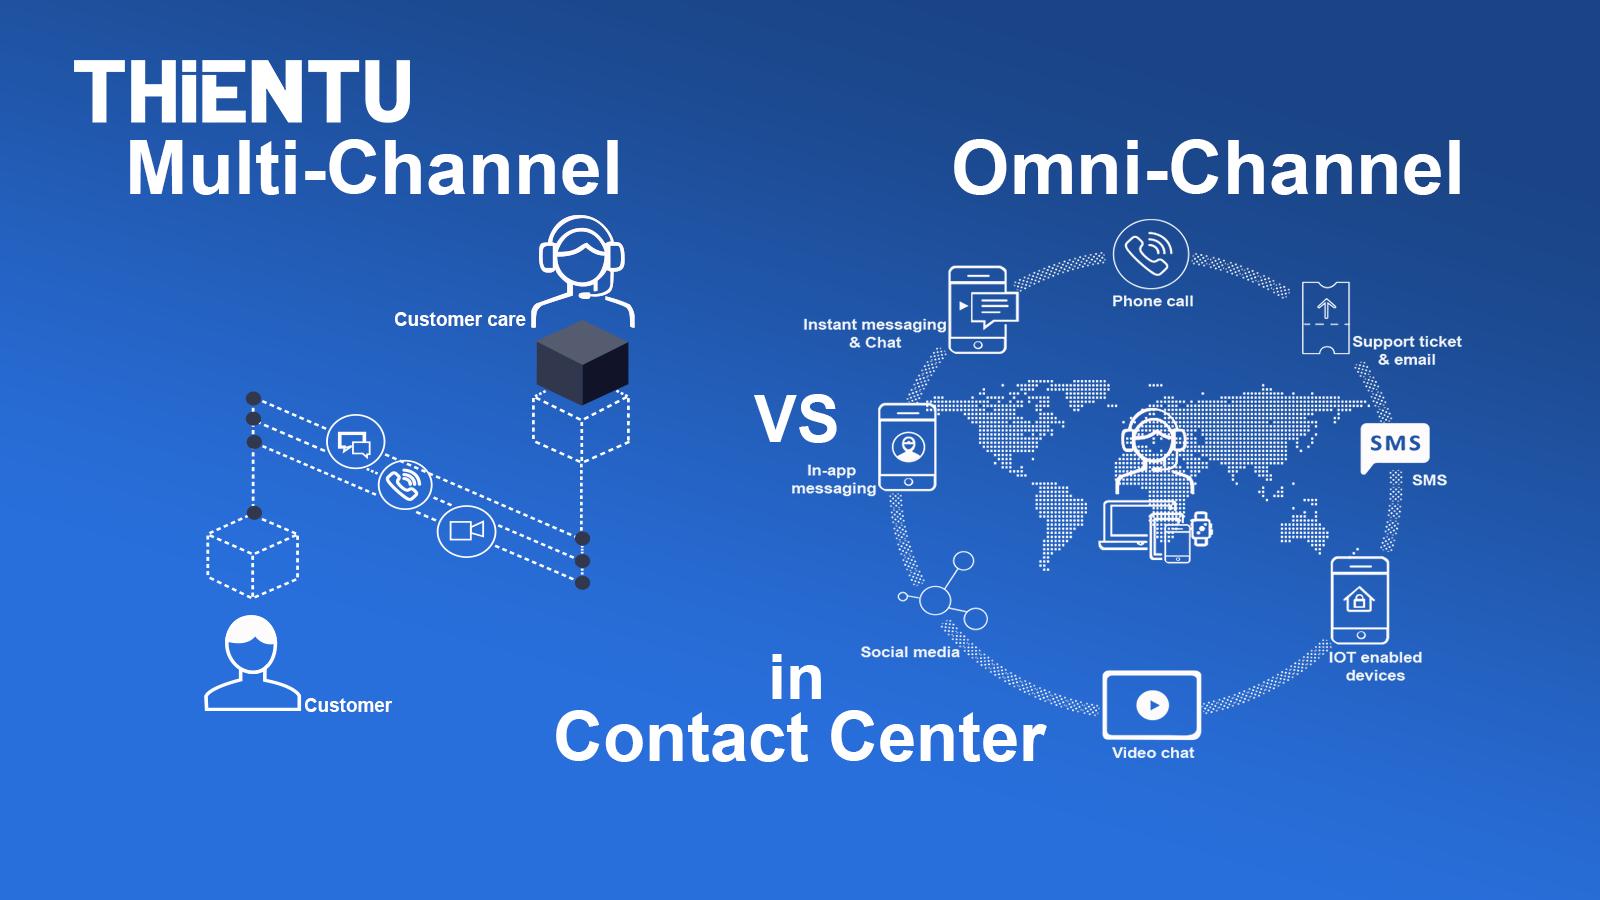 Điểm khác biệt của Multi channel với Omni channel